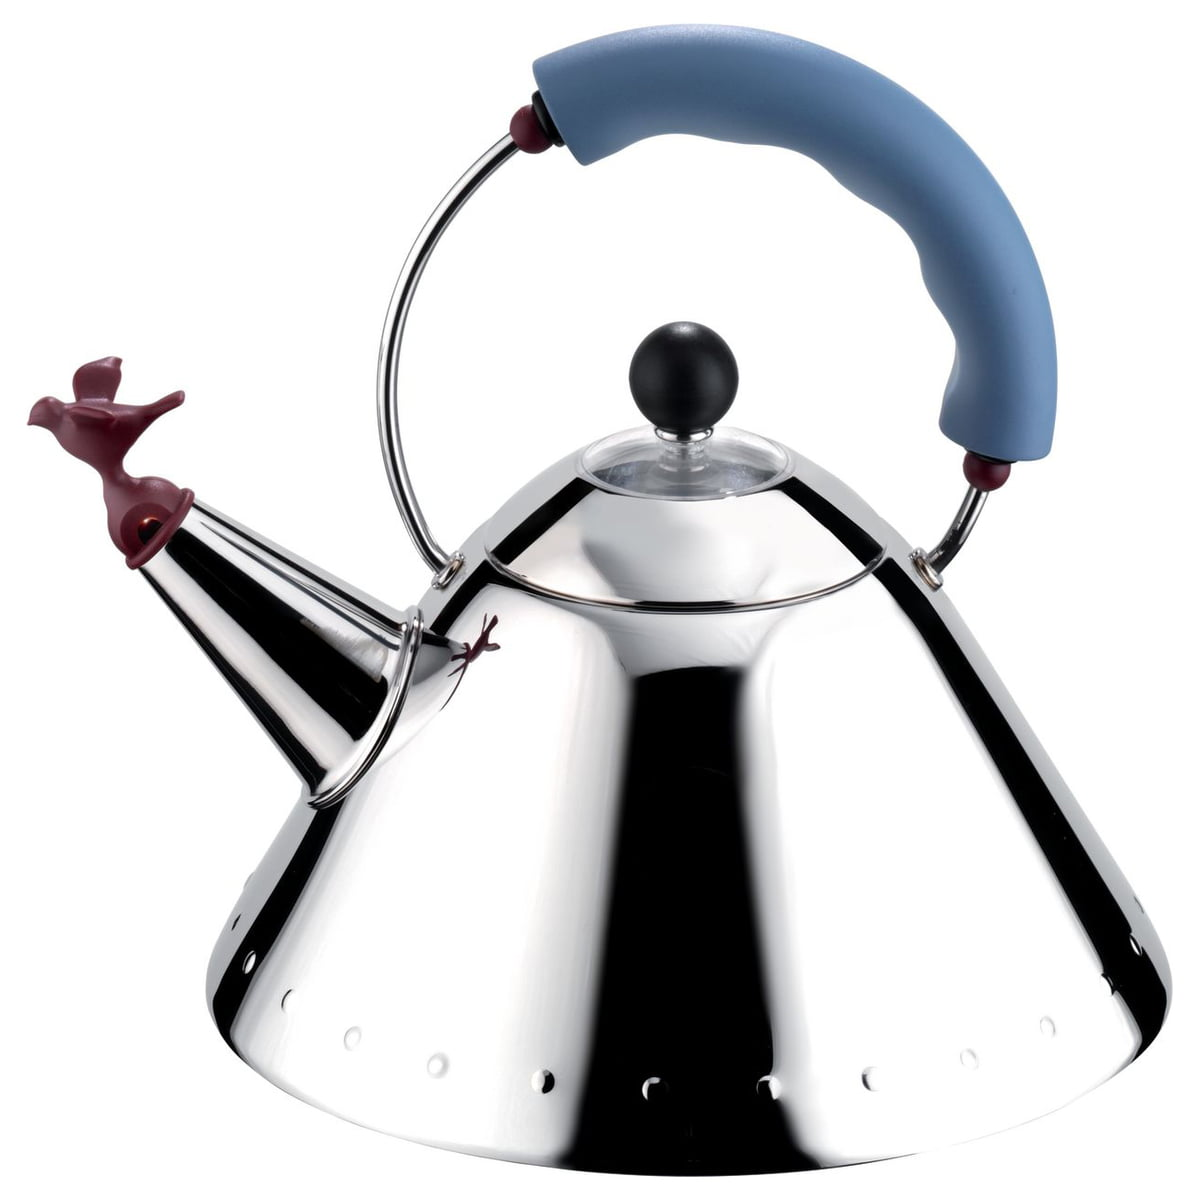 Alessi - Wasserkessel 9093 Bird Kettle, poliert / hellblau   Küche und Esszimmer > Küchengeräte > Wasserkocher   Alessi